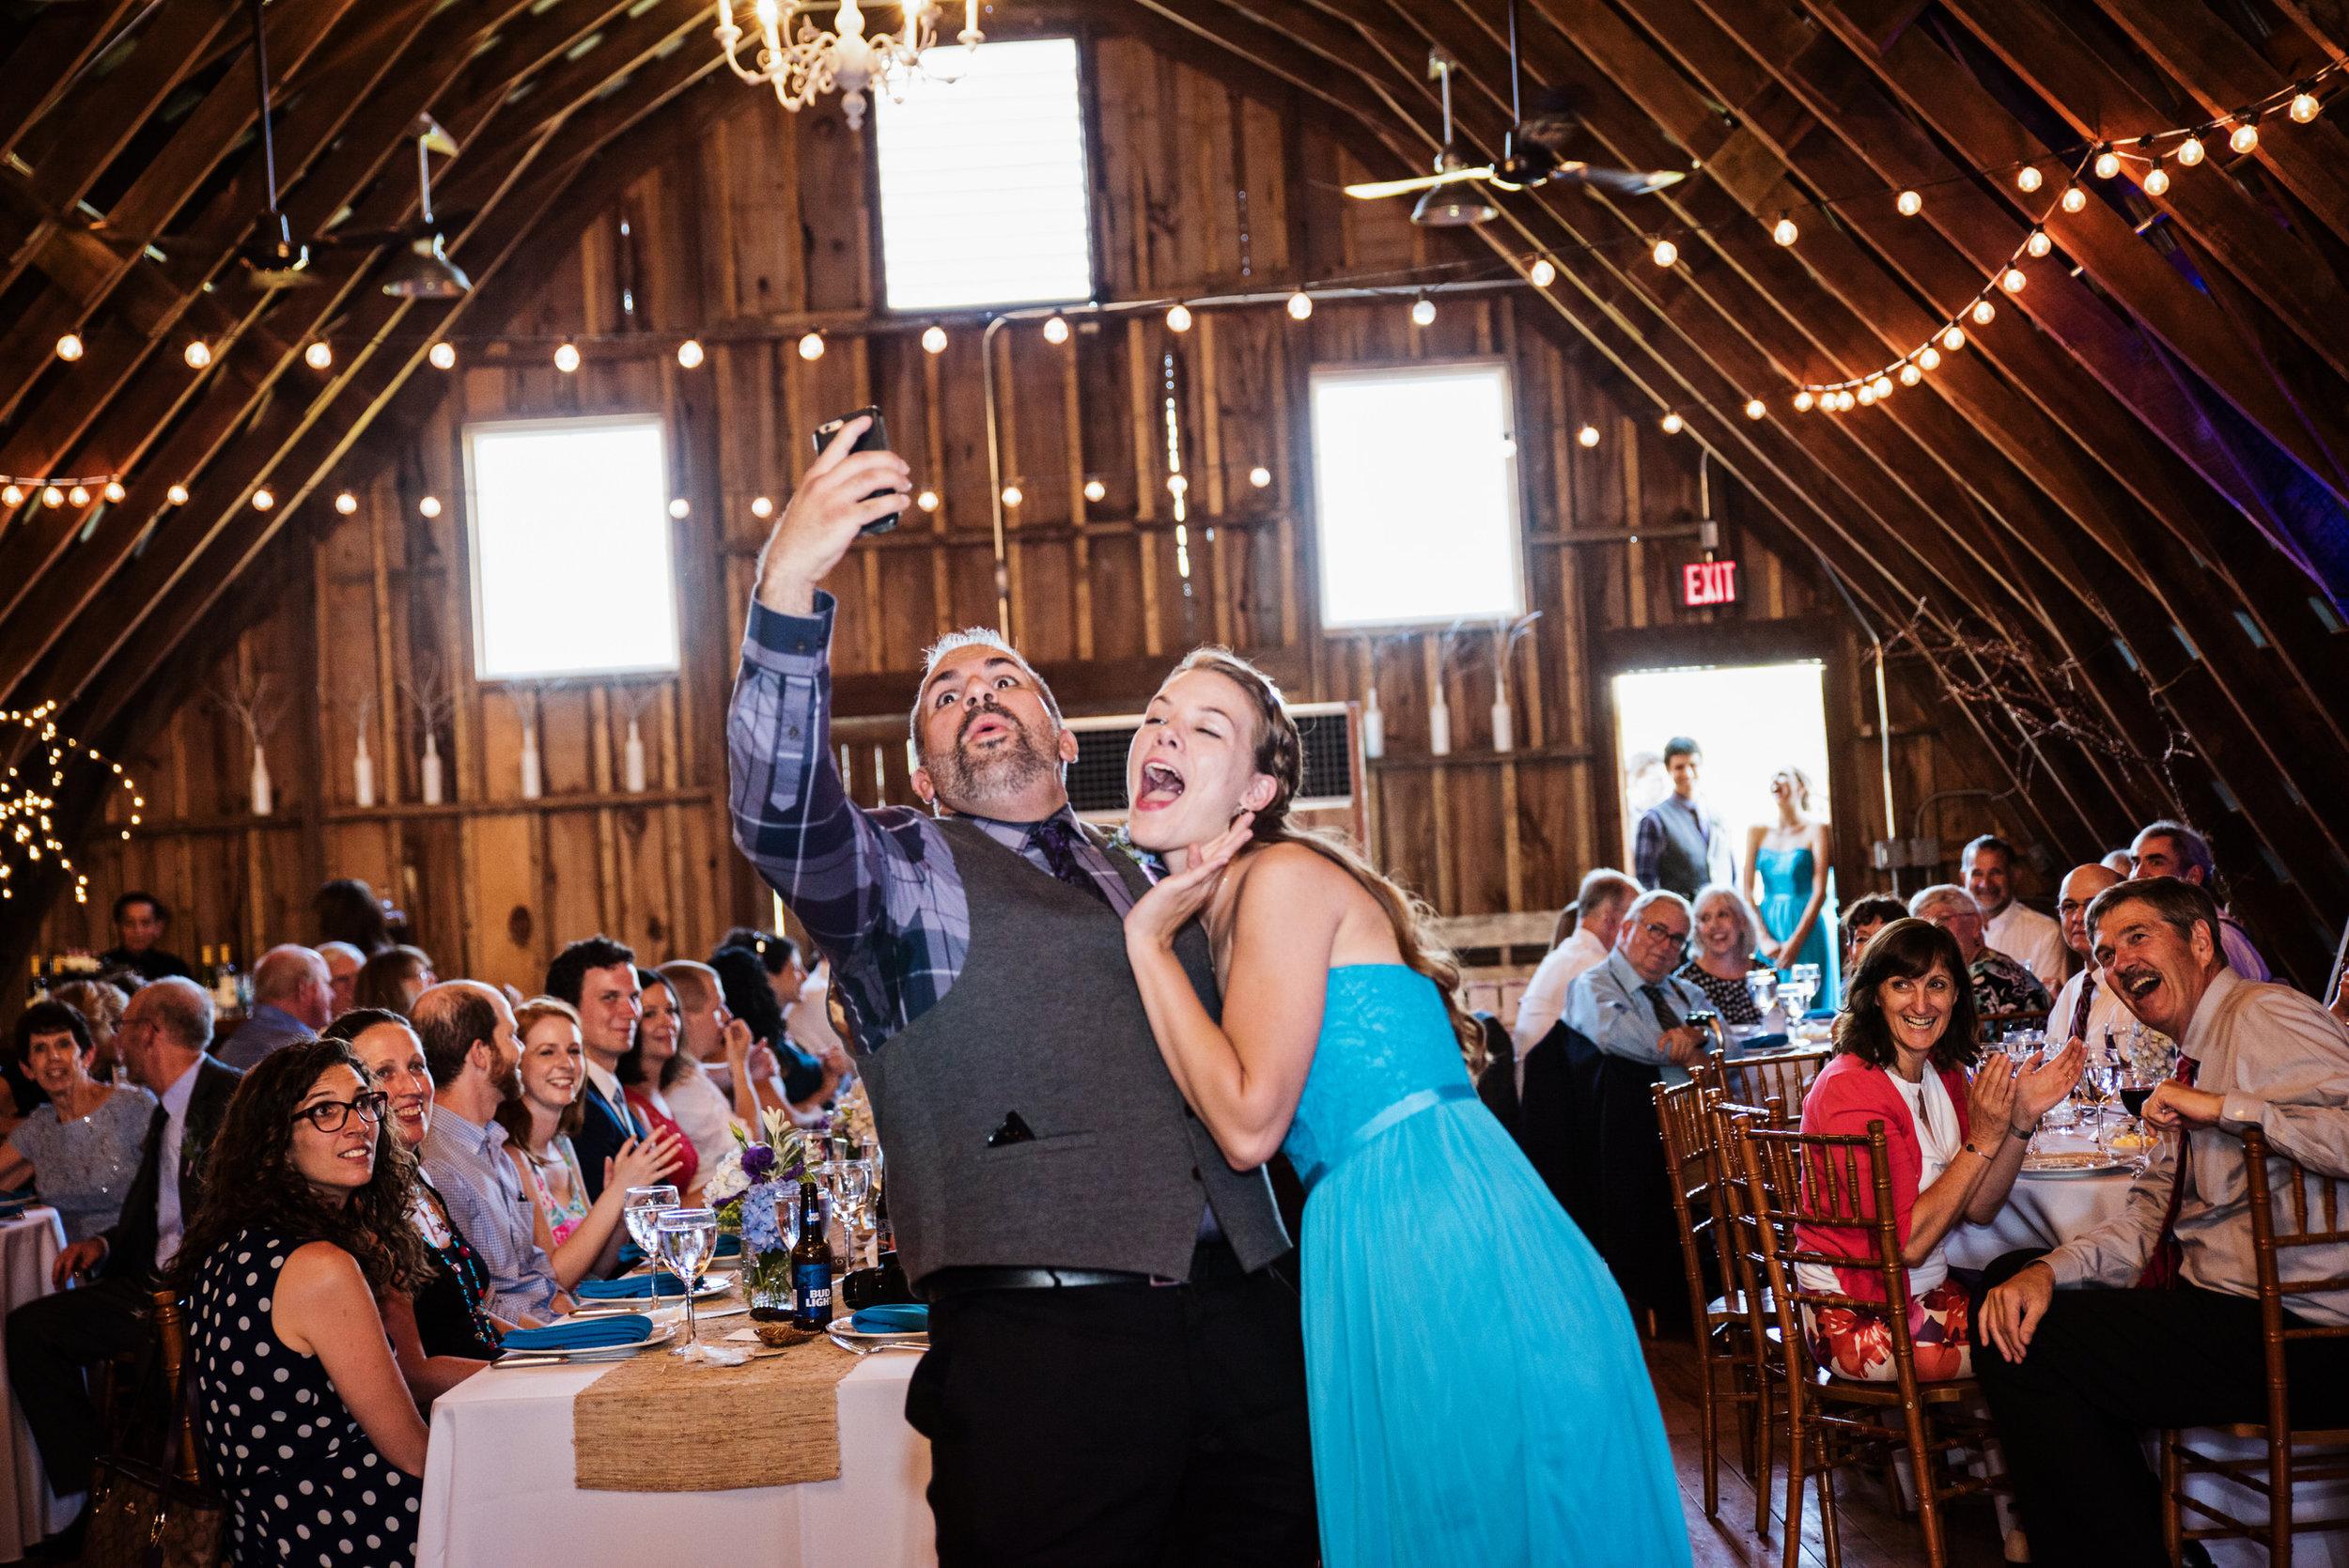 EastLynnFarmWedding-Stephanie&Aaron-Reception-36.jpg